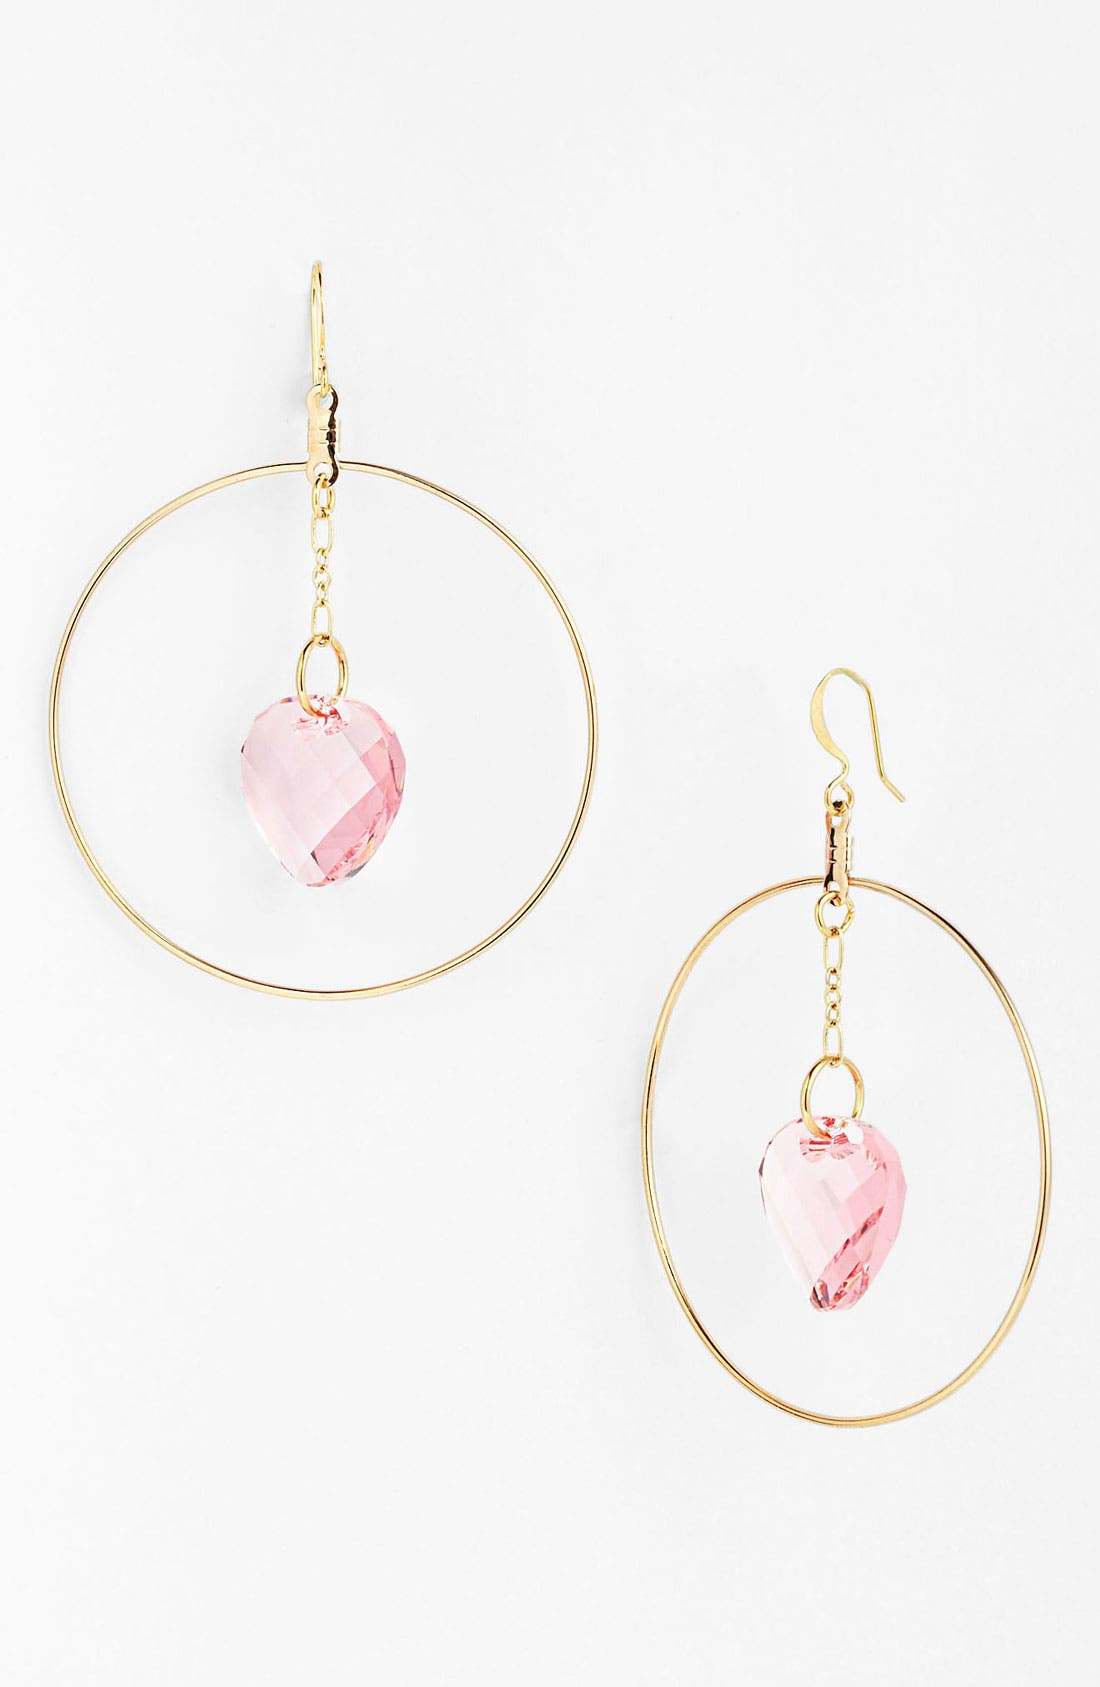 Alternate Image 1 Selected - Verdier Jewelry 'Pink Crystal' Hoop Earrings